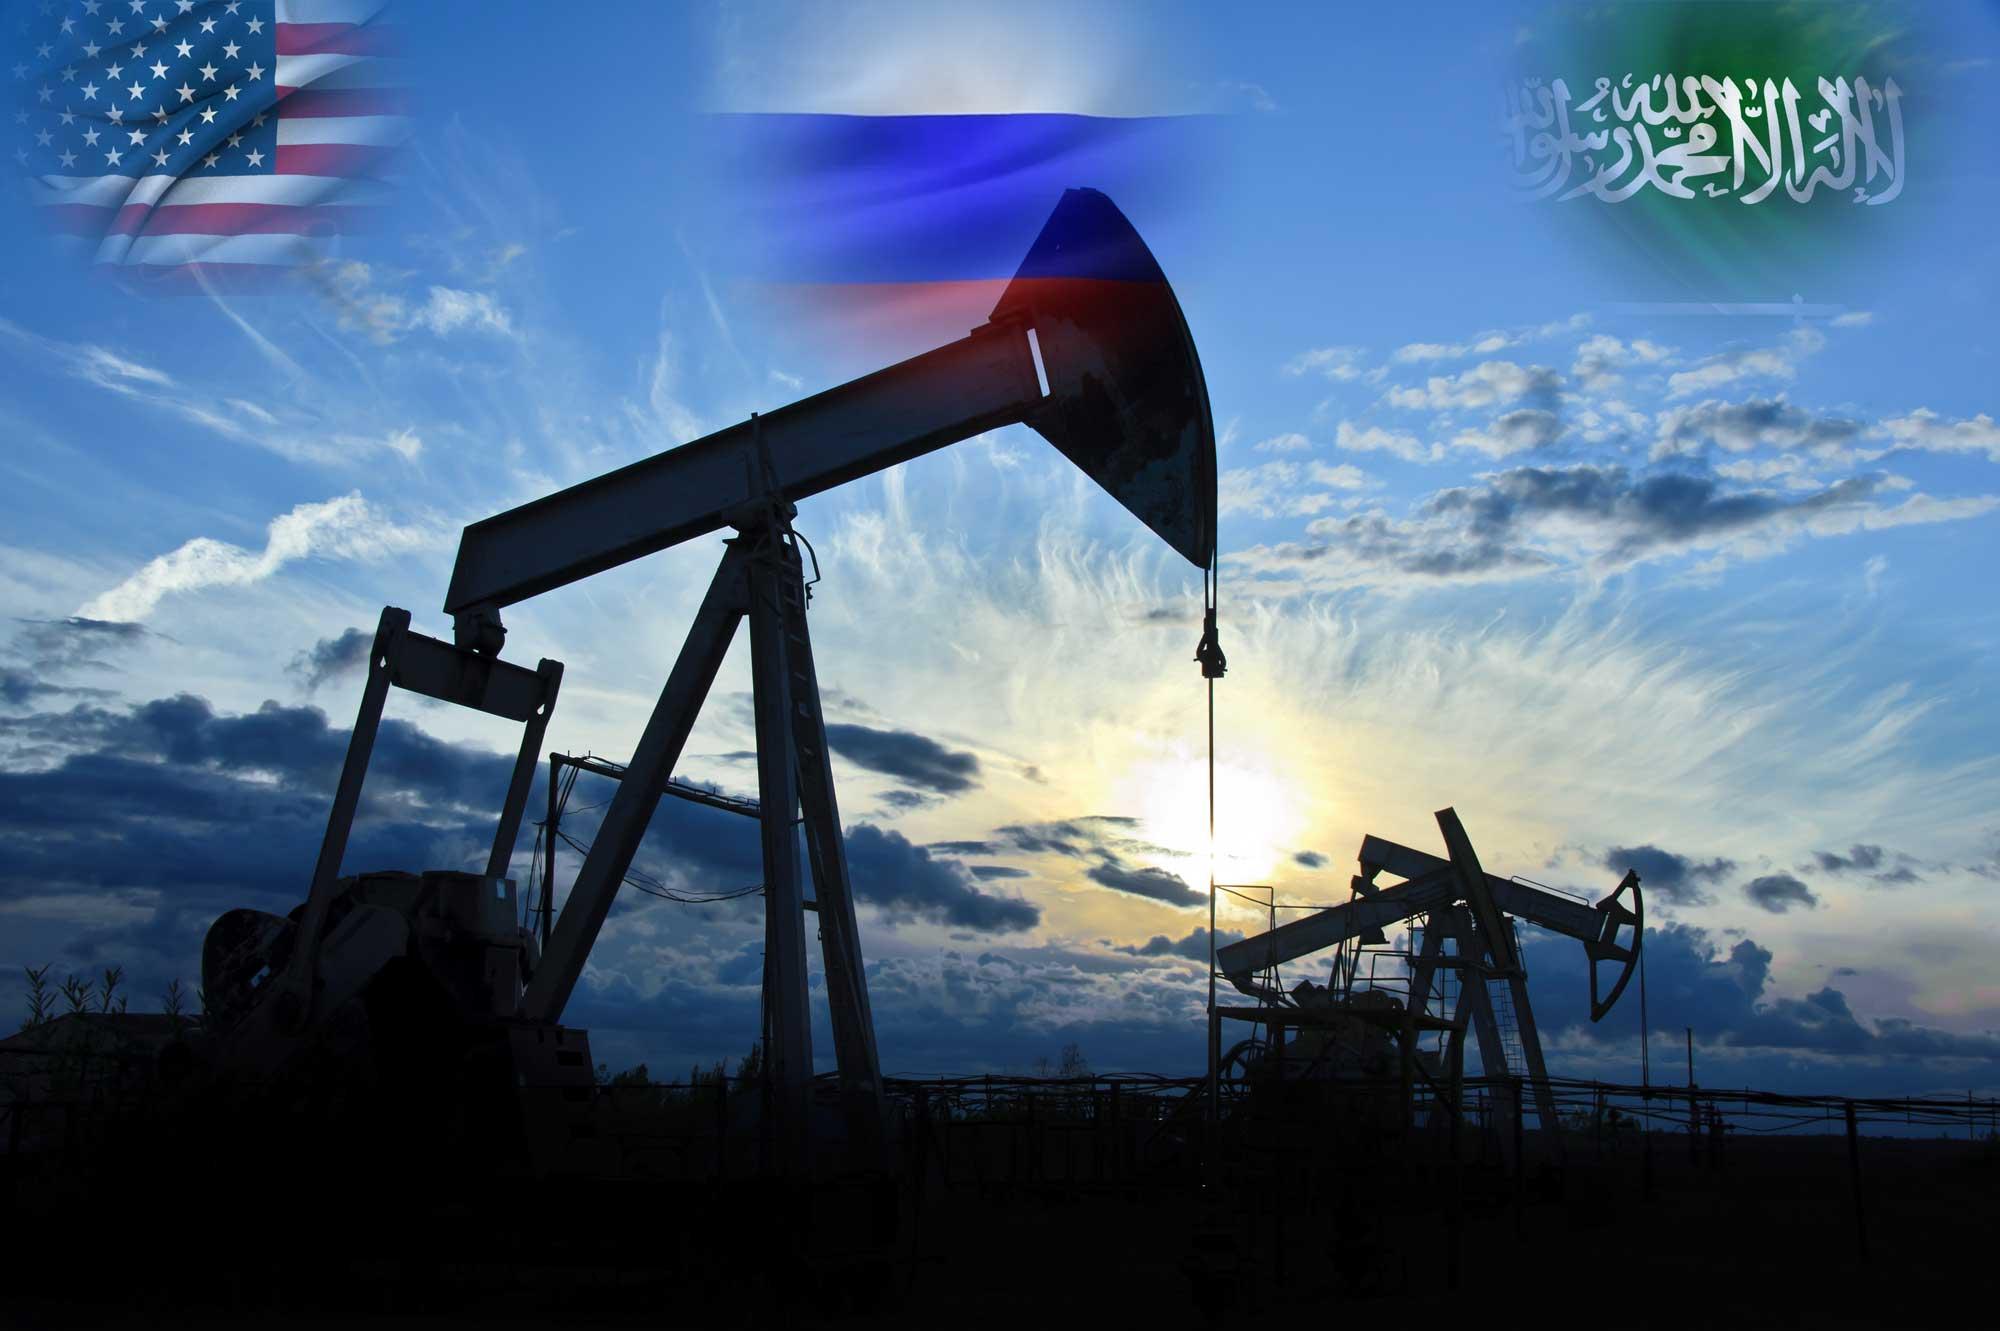 Россия, Саудовская Аравия и США: кто на самом деле «уронил» нефть, и кто от этого больше пострадает?